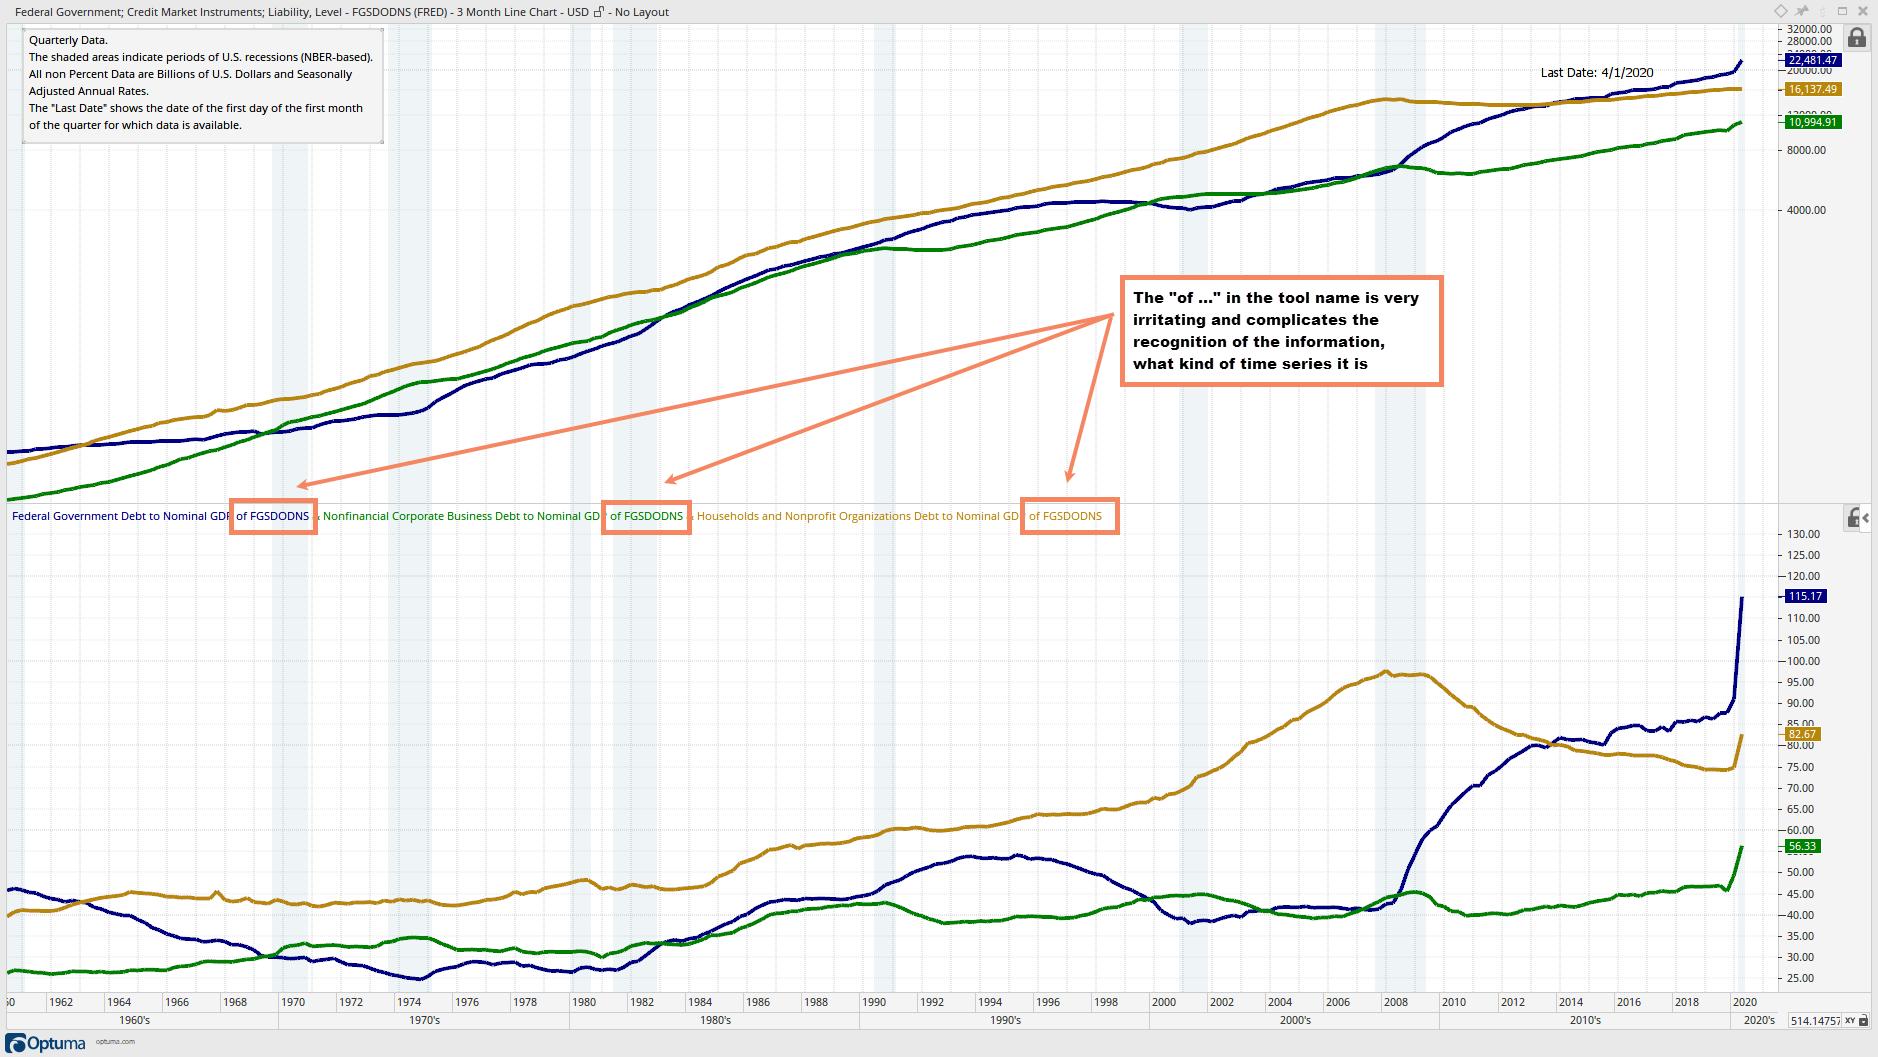 Major U.S. Domestic Nonfinancial Sectors Debt